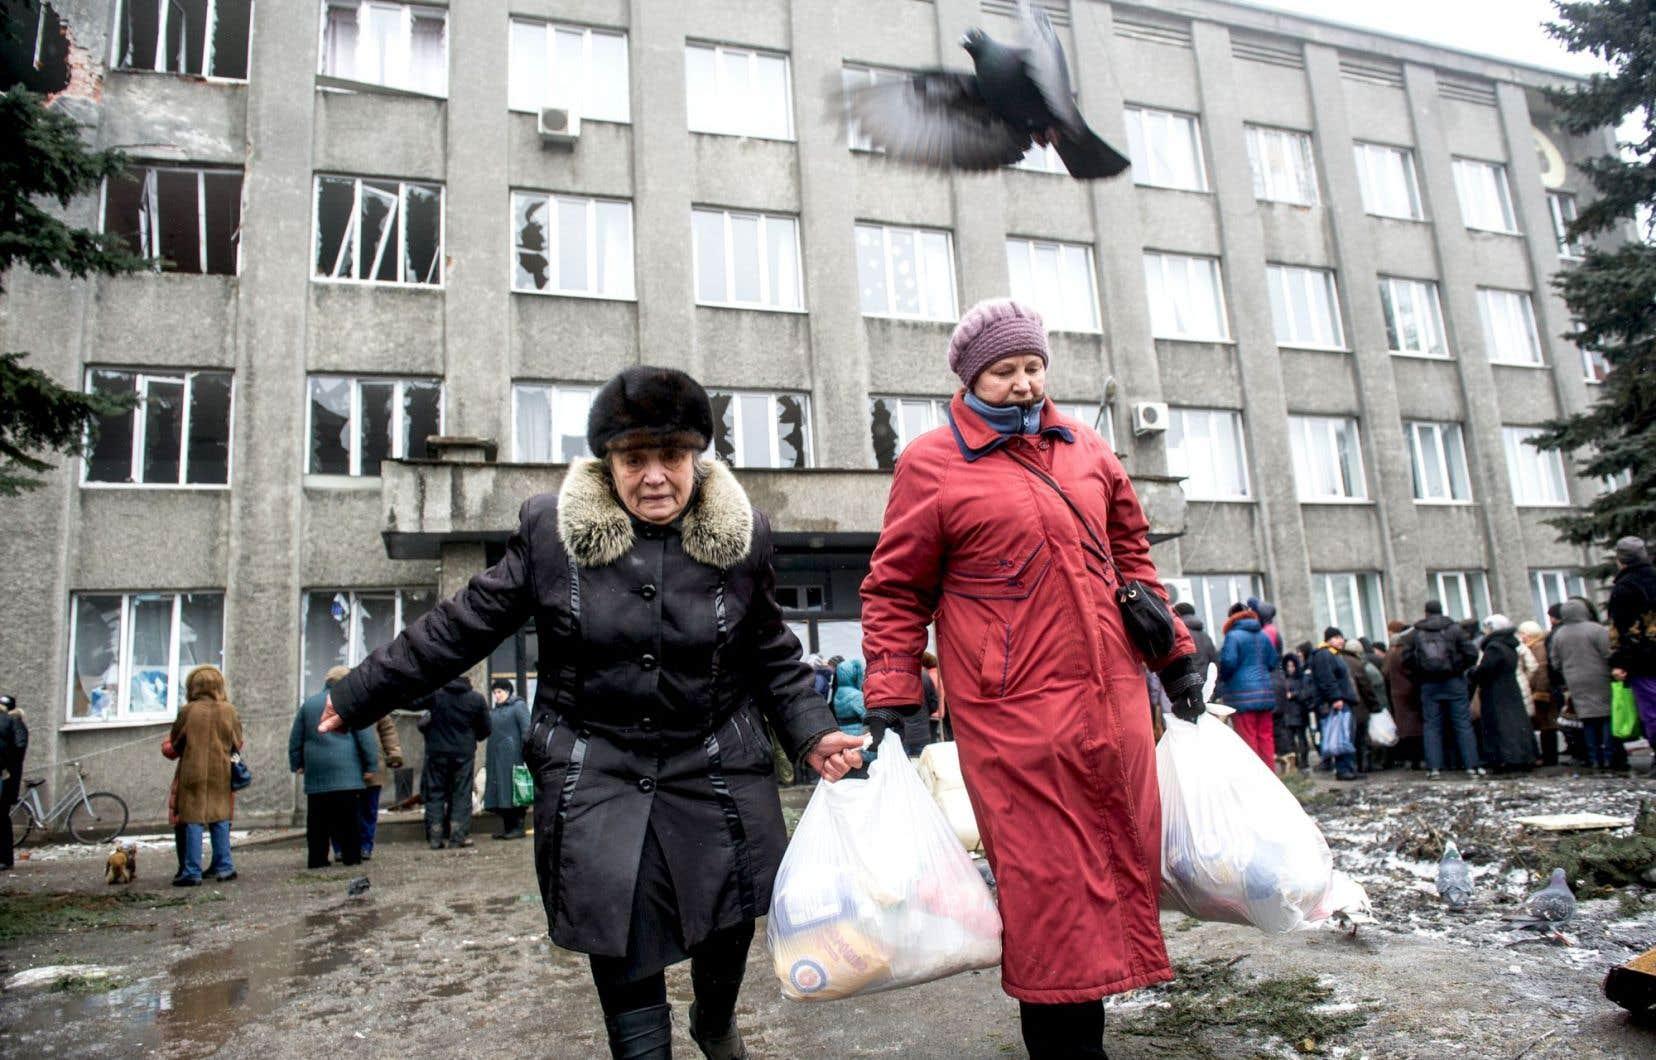 Dans la ville de Debaltseve, dans l'est de l'Ukraine, la situation est critique. Une trêve de quelques heures y a été conclue pour permettre l'évacuation de civils et la distribution de denrées par l'aide humanitaire, pour lesquelles les gens faisaient la file, vendredi.